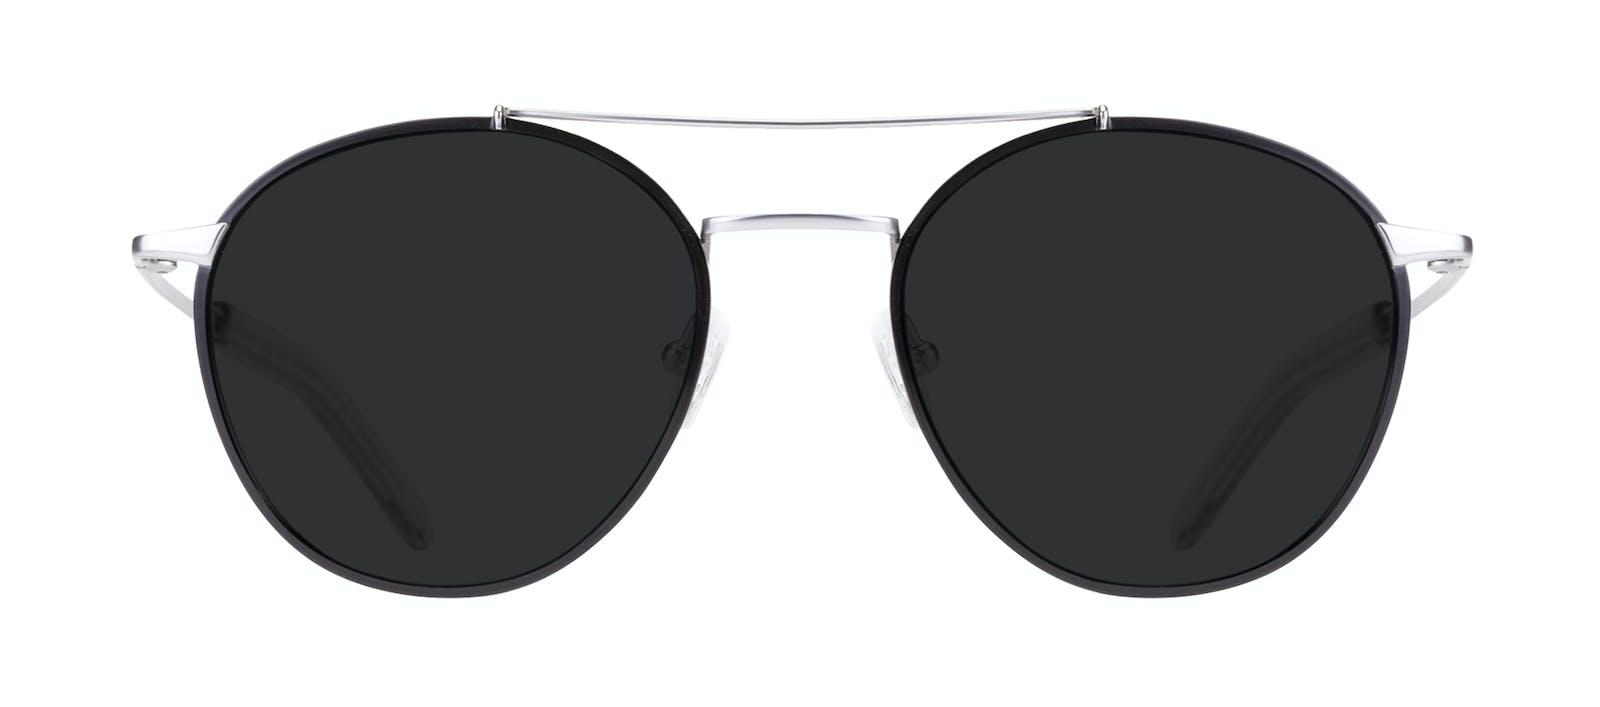 9ef2bb148af Affordable Fashion Glasses Aviator Sunglasses Men Gravity Black Silver Front